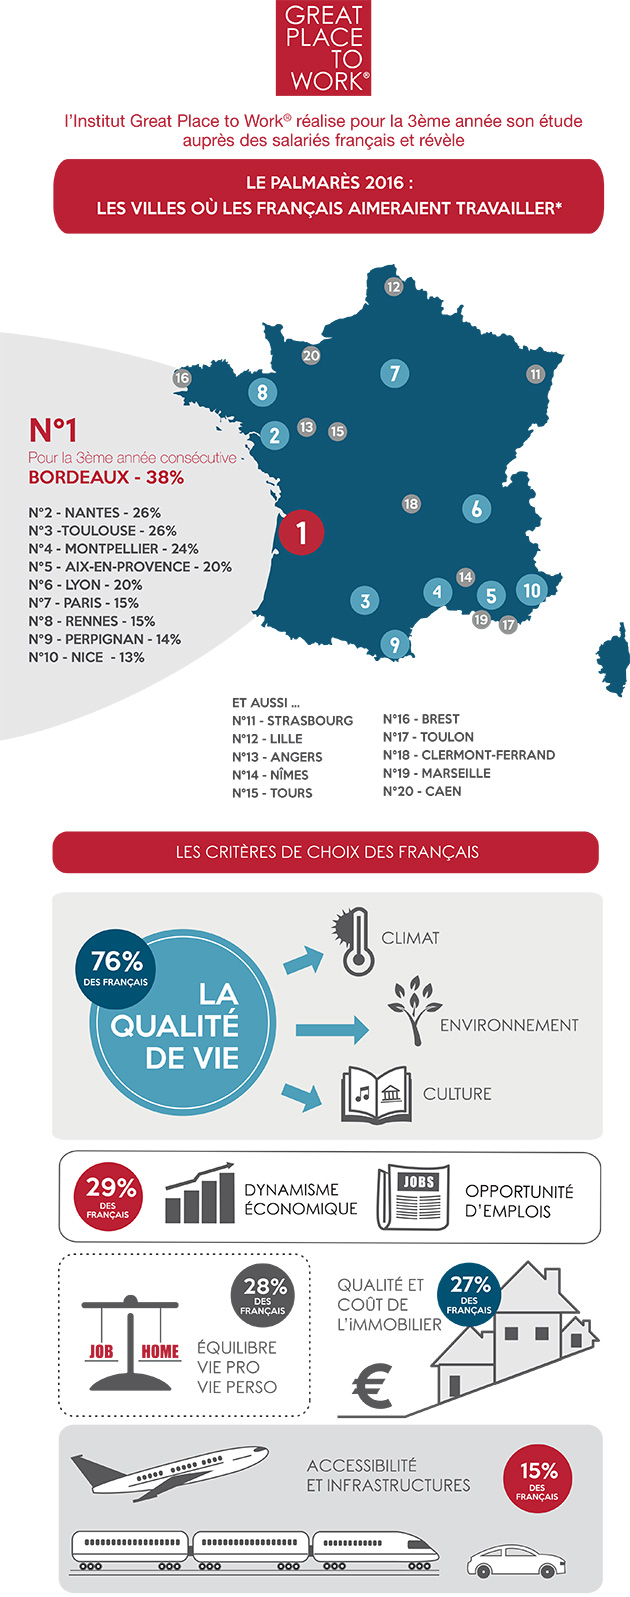 infographie-palmares-2016-ville-ou-les-francais-veulent-travailler-great-place-to-work